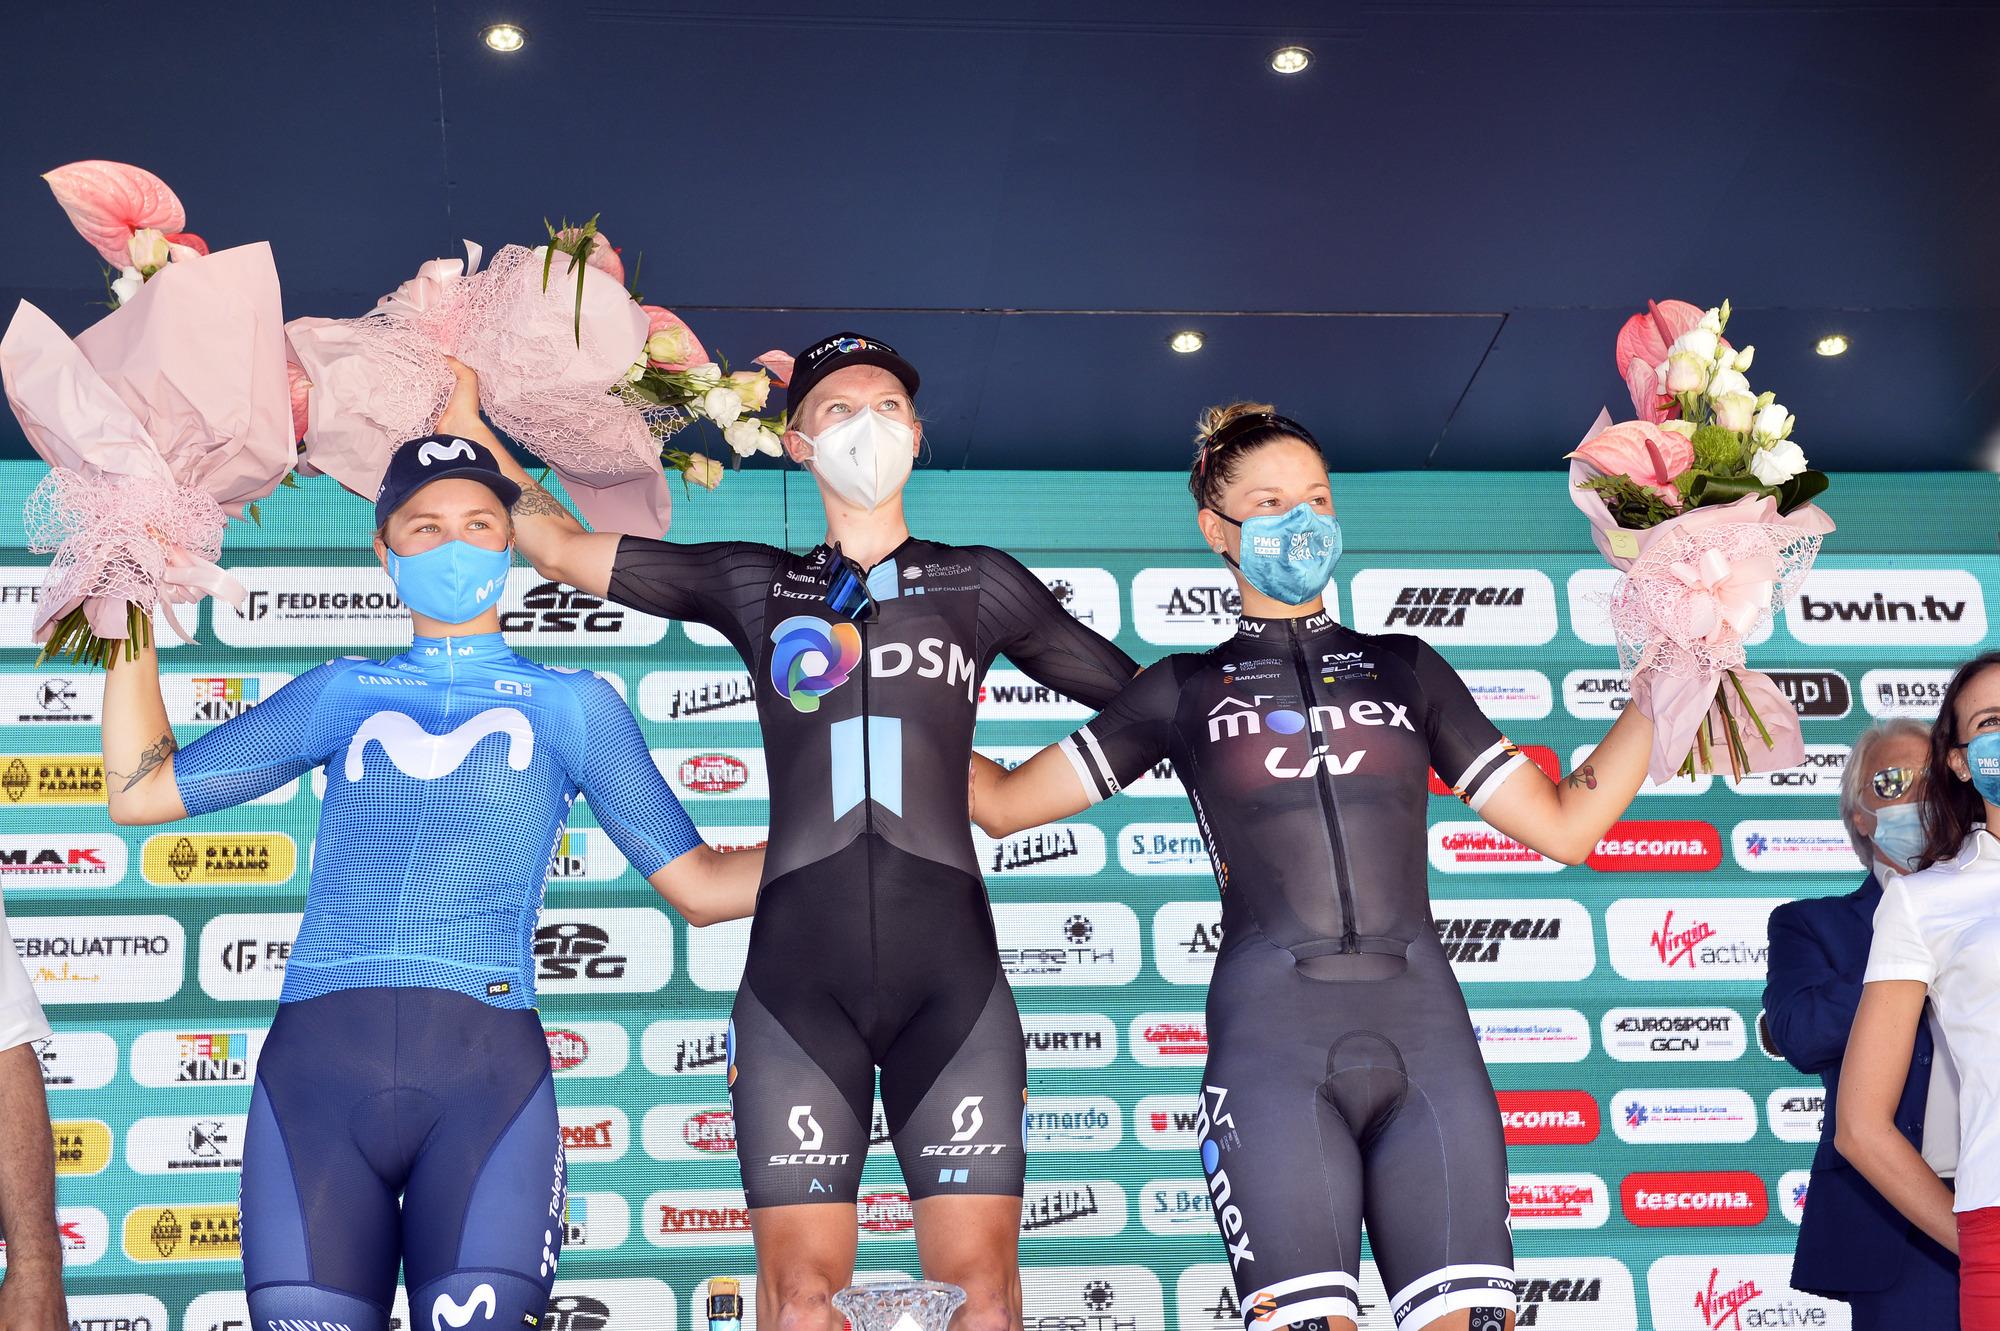 Lorena Wiebes sprinta e vince a Mortegliano, terza l'italiana Sperotto, van der Breggen ancora in Rosa